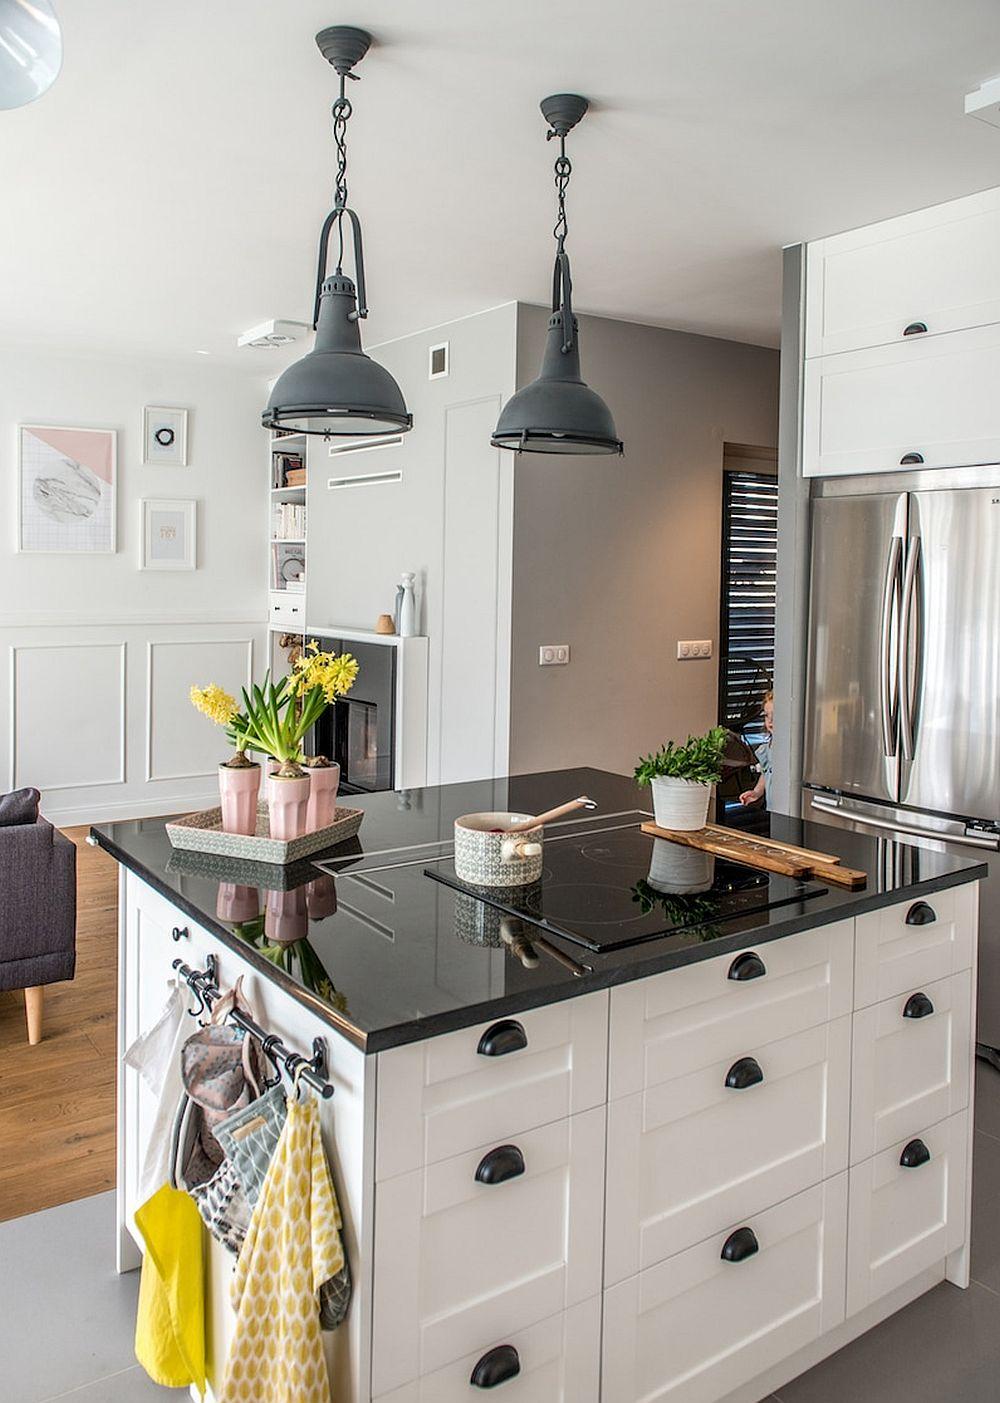 Bucătăria beneficiază de o masă de tip insulă, ca reper de delimitare între spațiul alocat altor activități decât gătitul. Tinerii și-au dorit un spațiu deschis la parter pentru a-și putea supraveghe fetița și pentru a petrece mai mult timp unii cu alții.